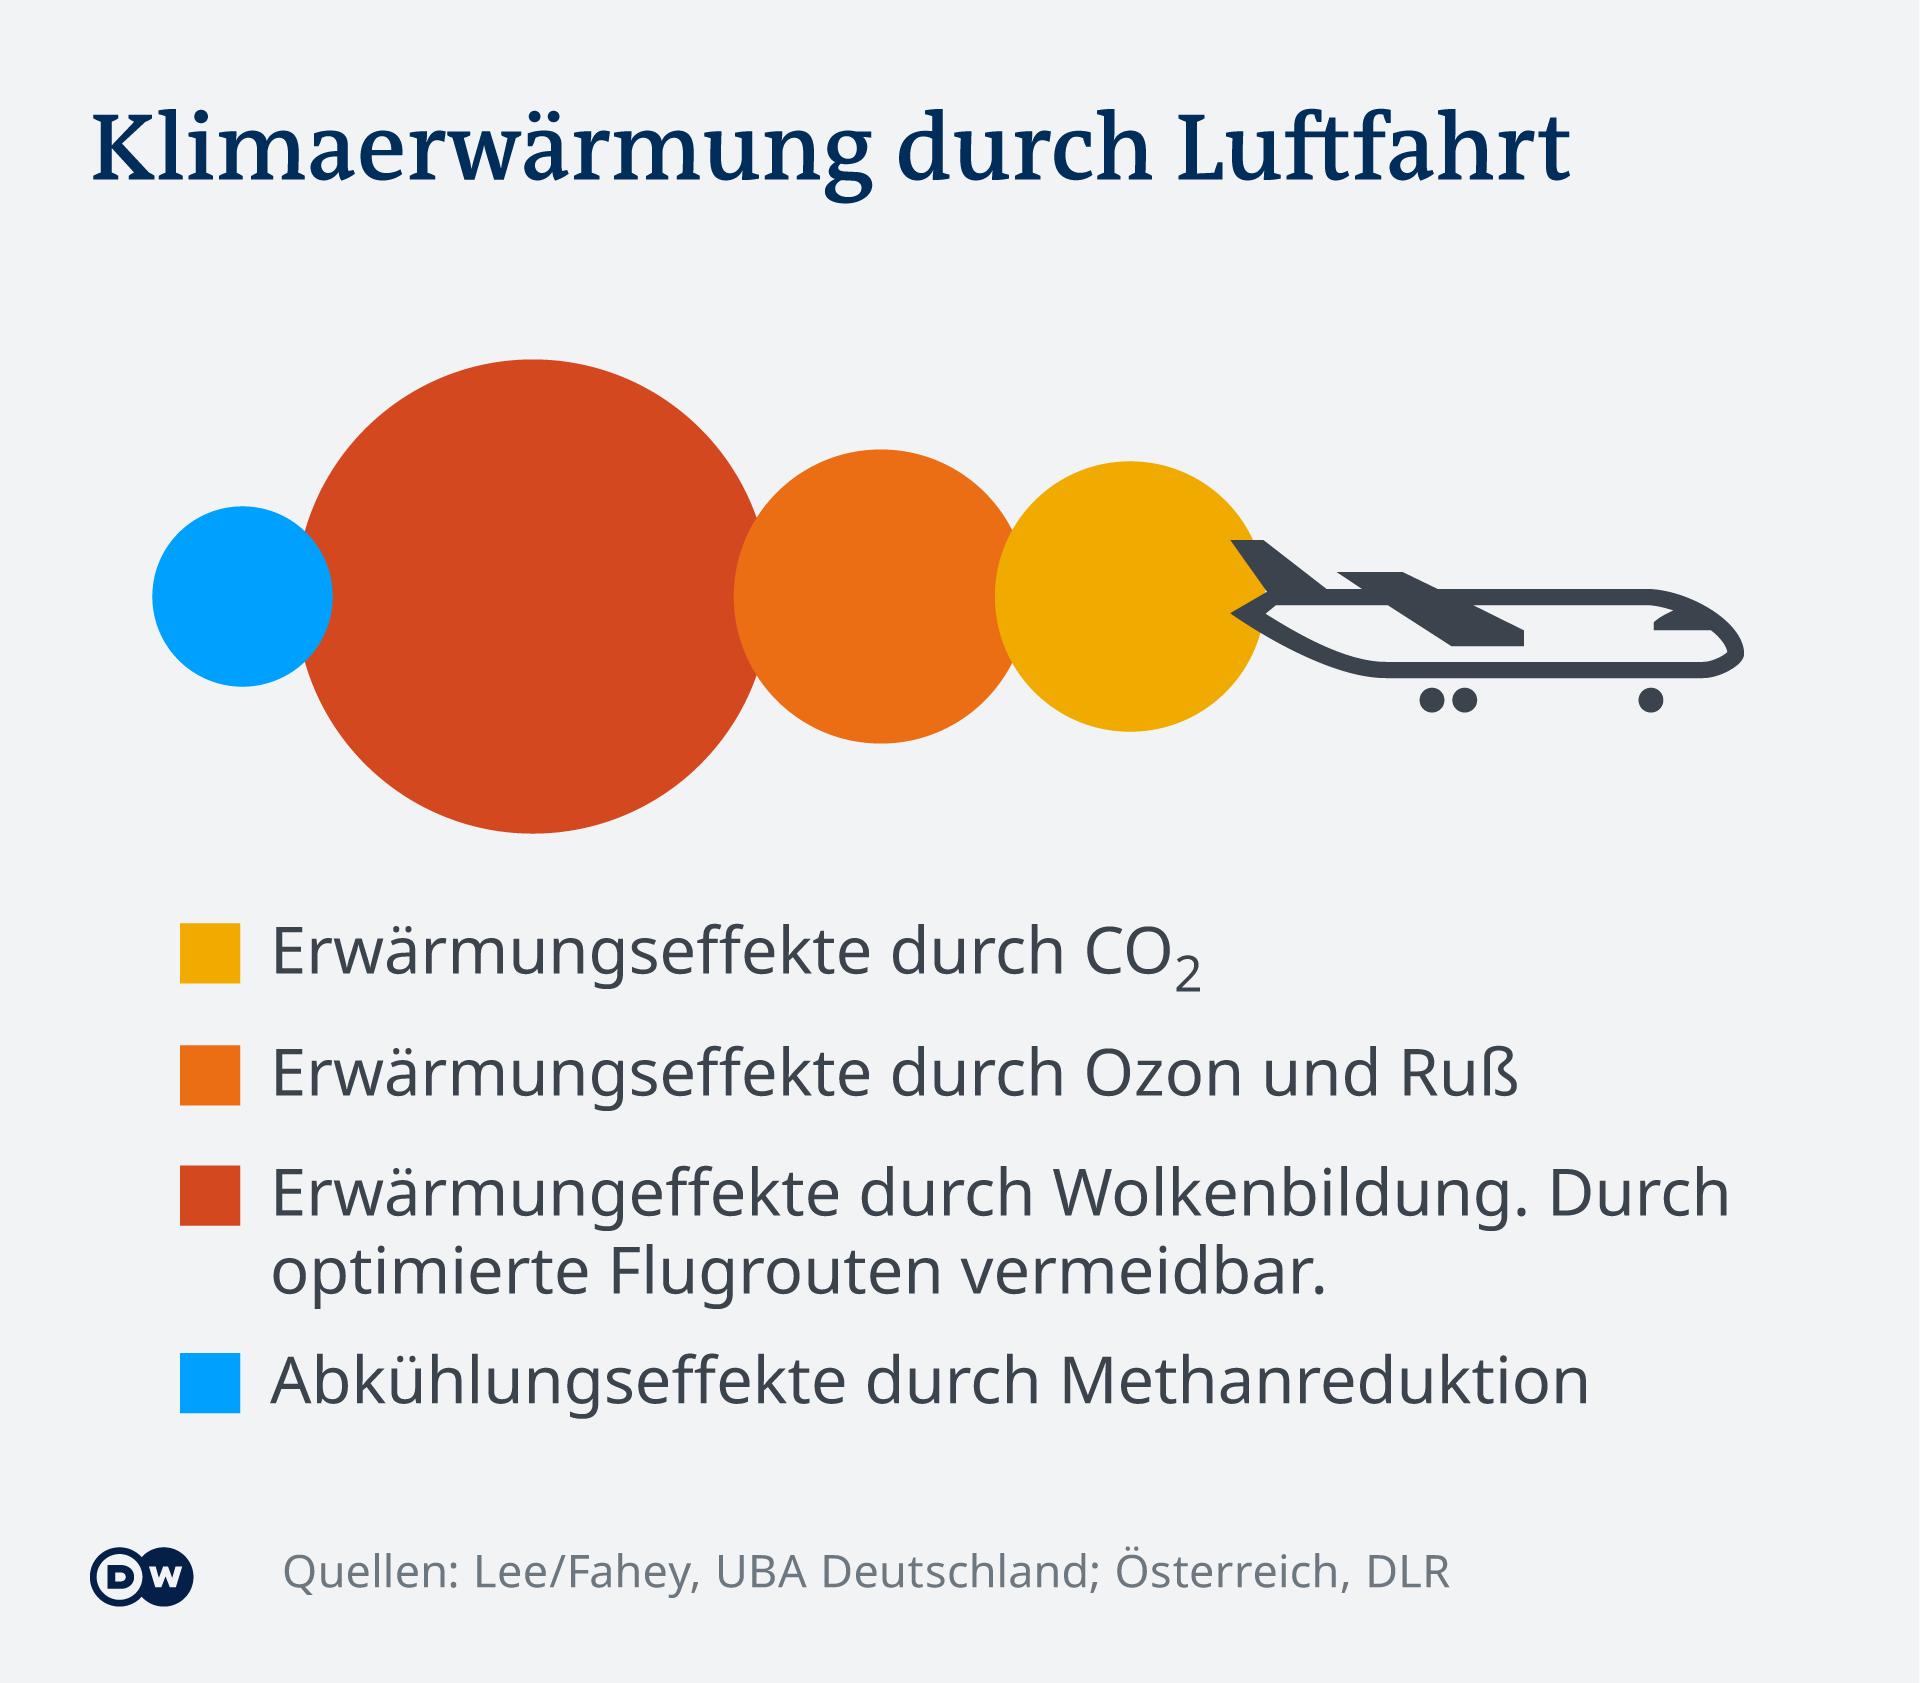 Infografik Klimaerwärmung durch Luftfahrt.Welche Effekte spielen eine Rolle? Welchen Einfluss haben Ozon, Ruß, Methan und Wolkenbildung durch die Luftfahrt in der Höhe?